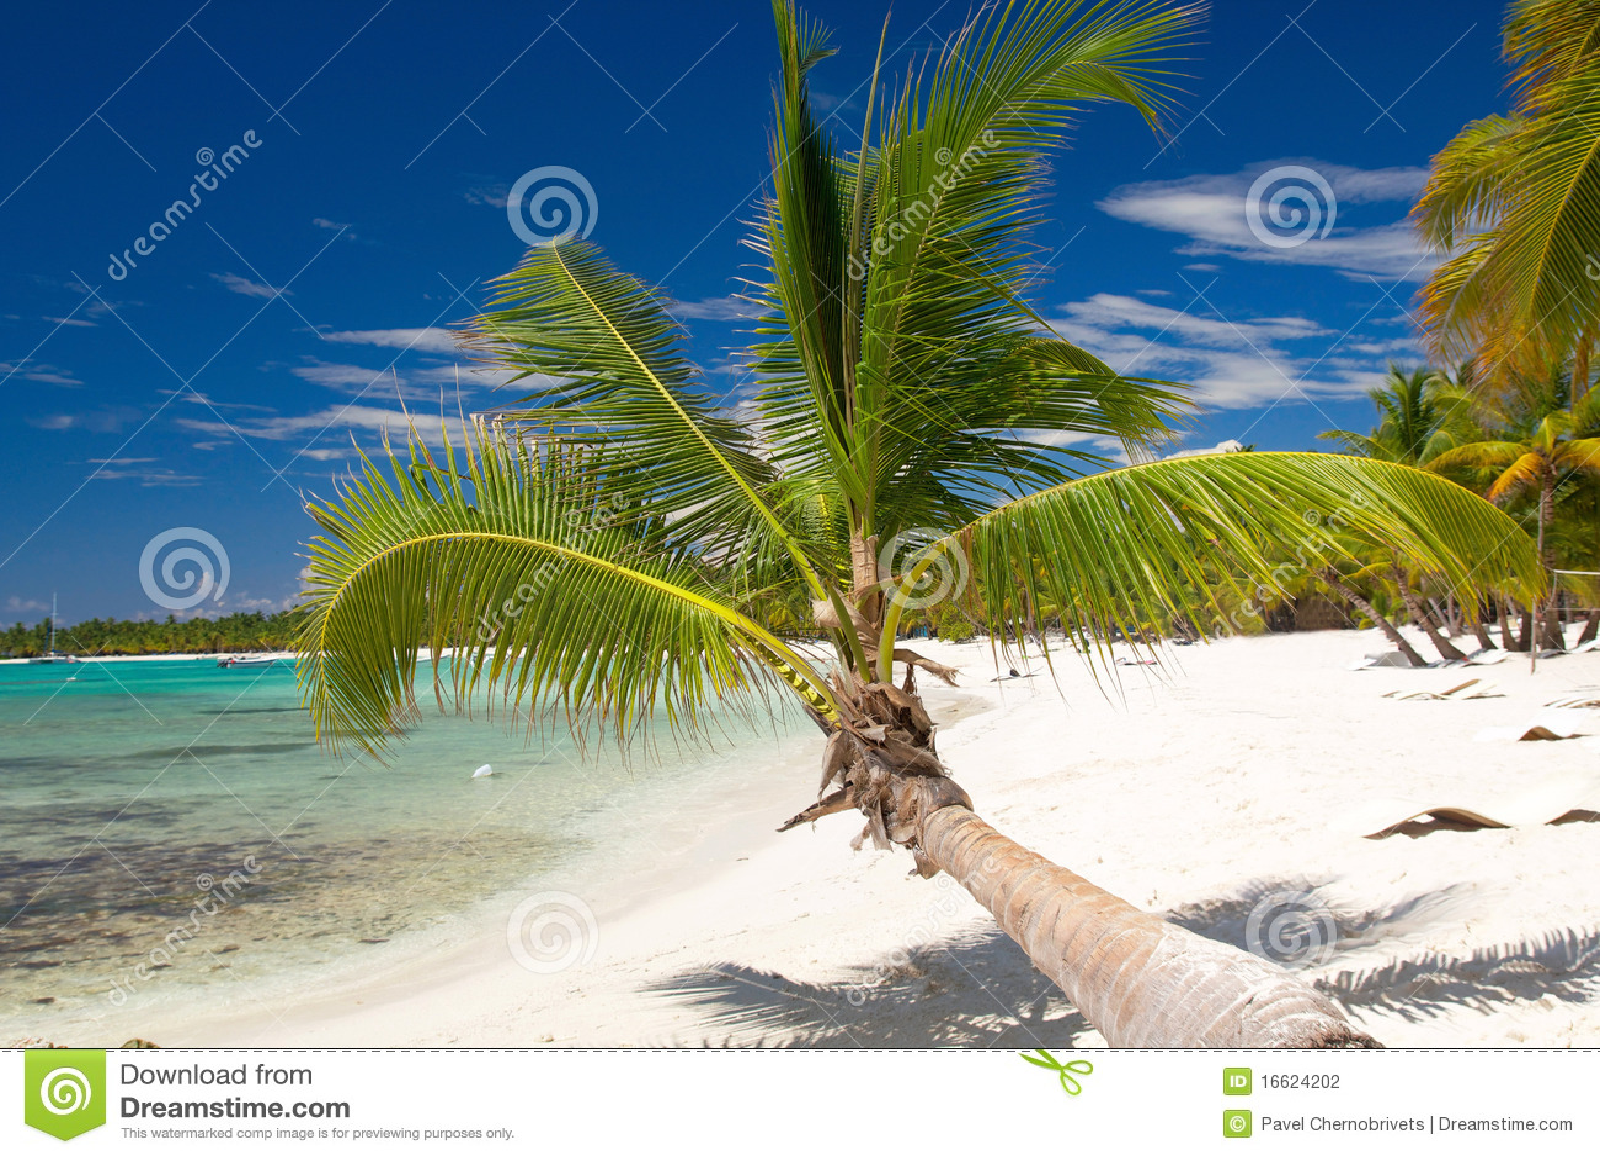 Palma di noce di cocco sulla spiaggia caraibica saona - Palma di cocco ...